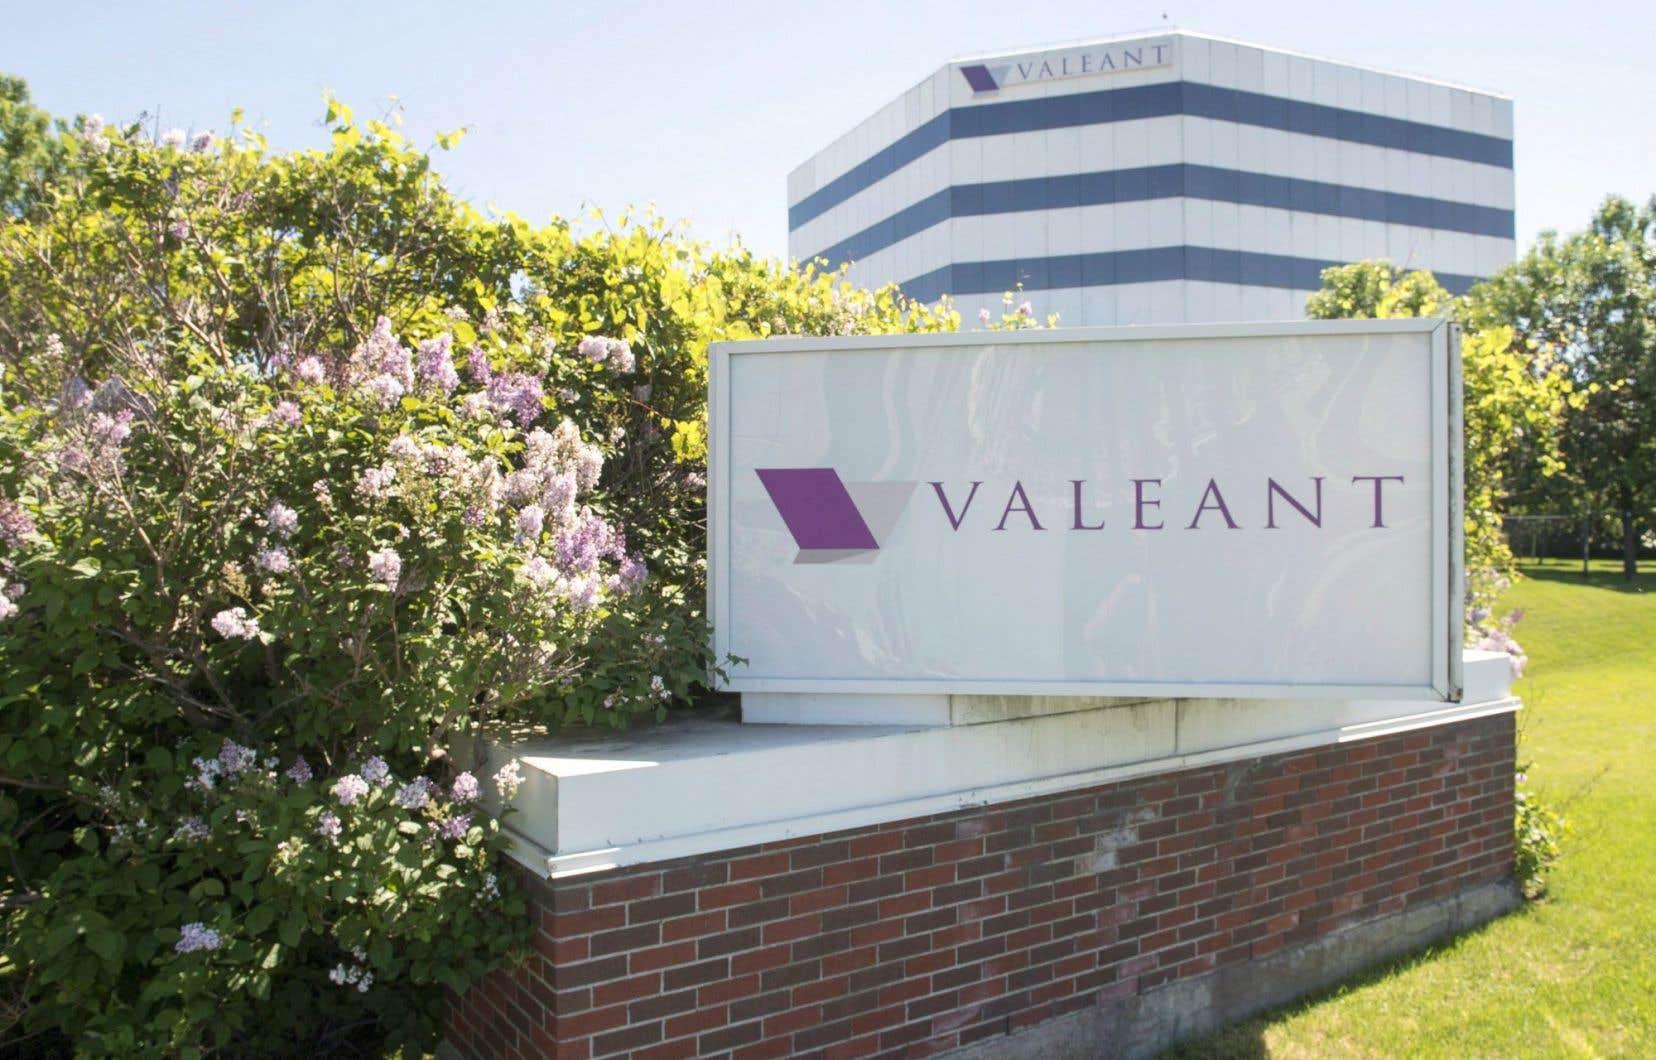 Afin d'éviter les plaintes, Valeant aurait offert des incitatifs à certains consommateurs.